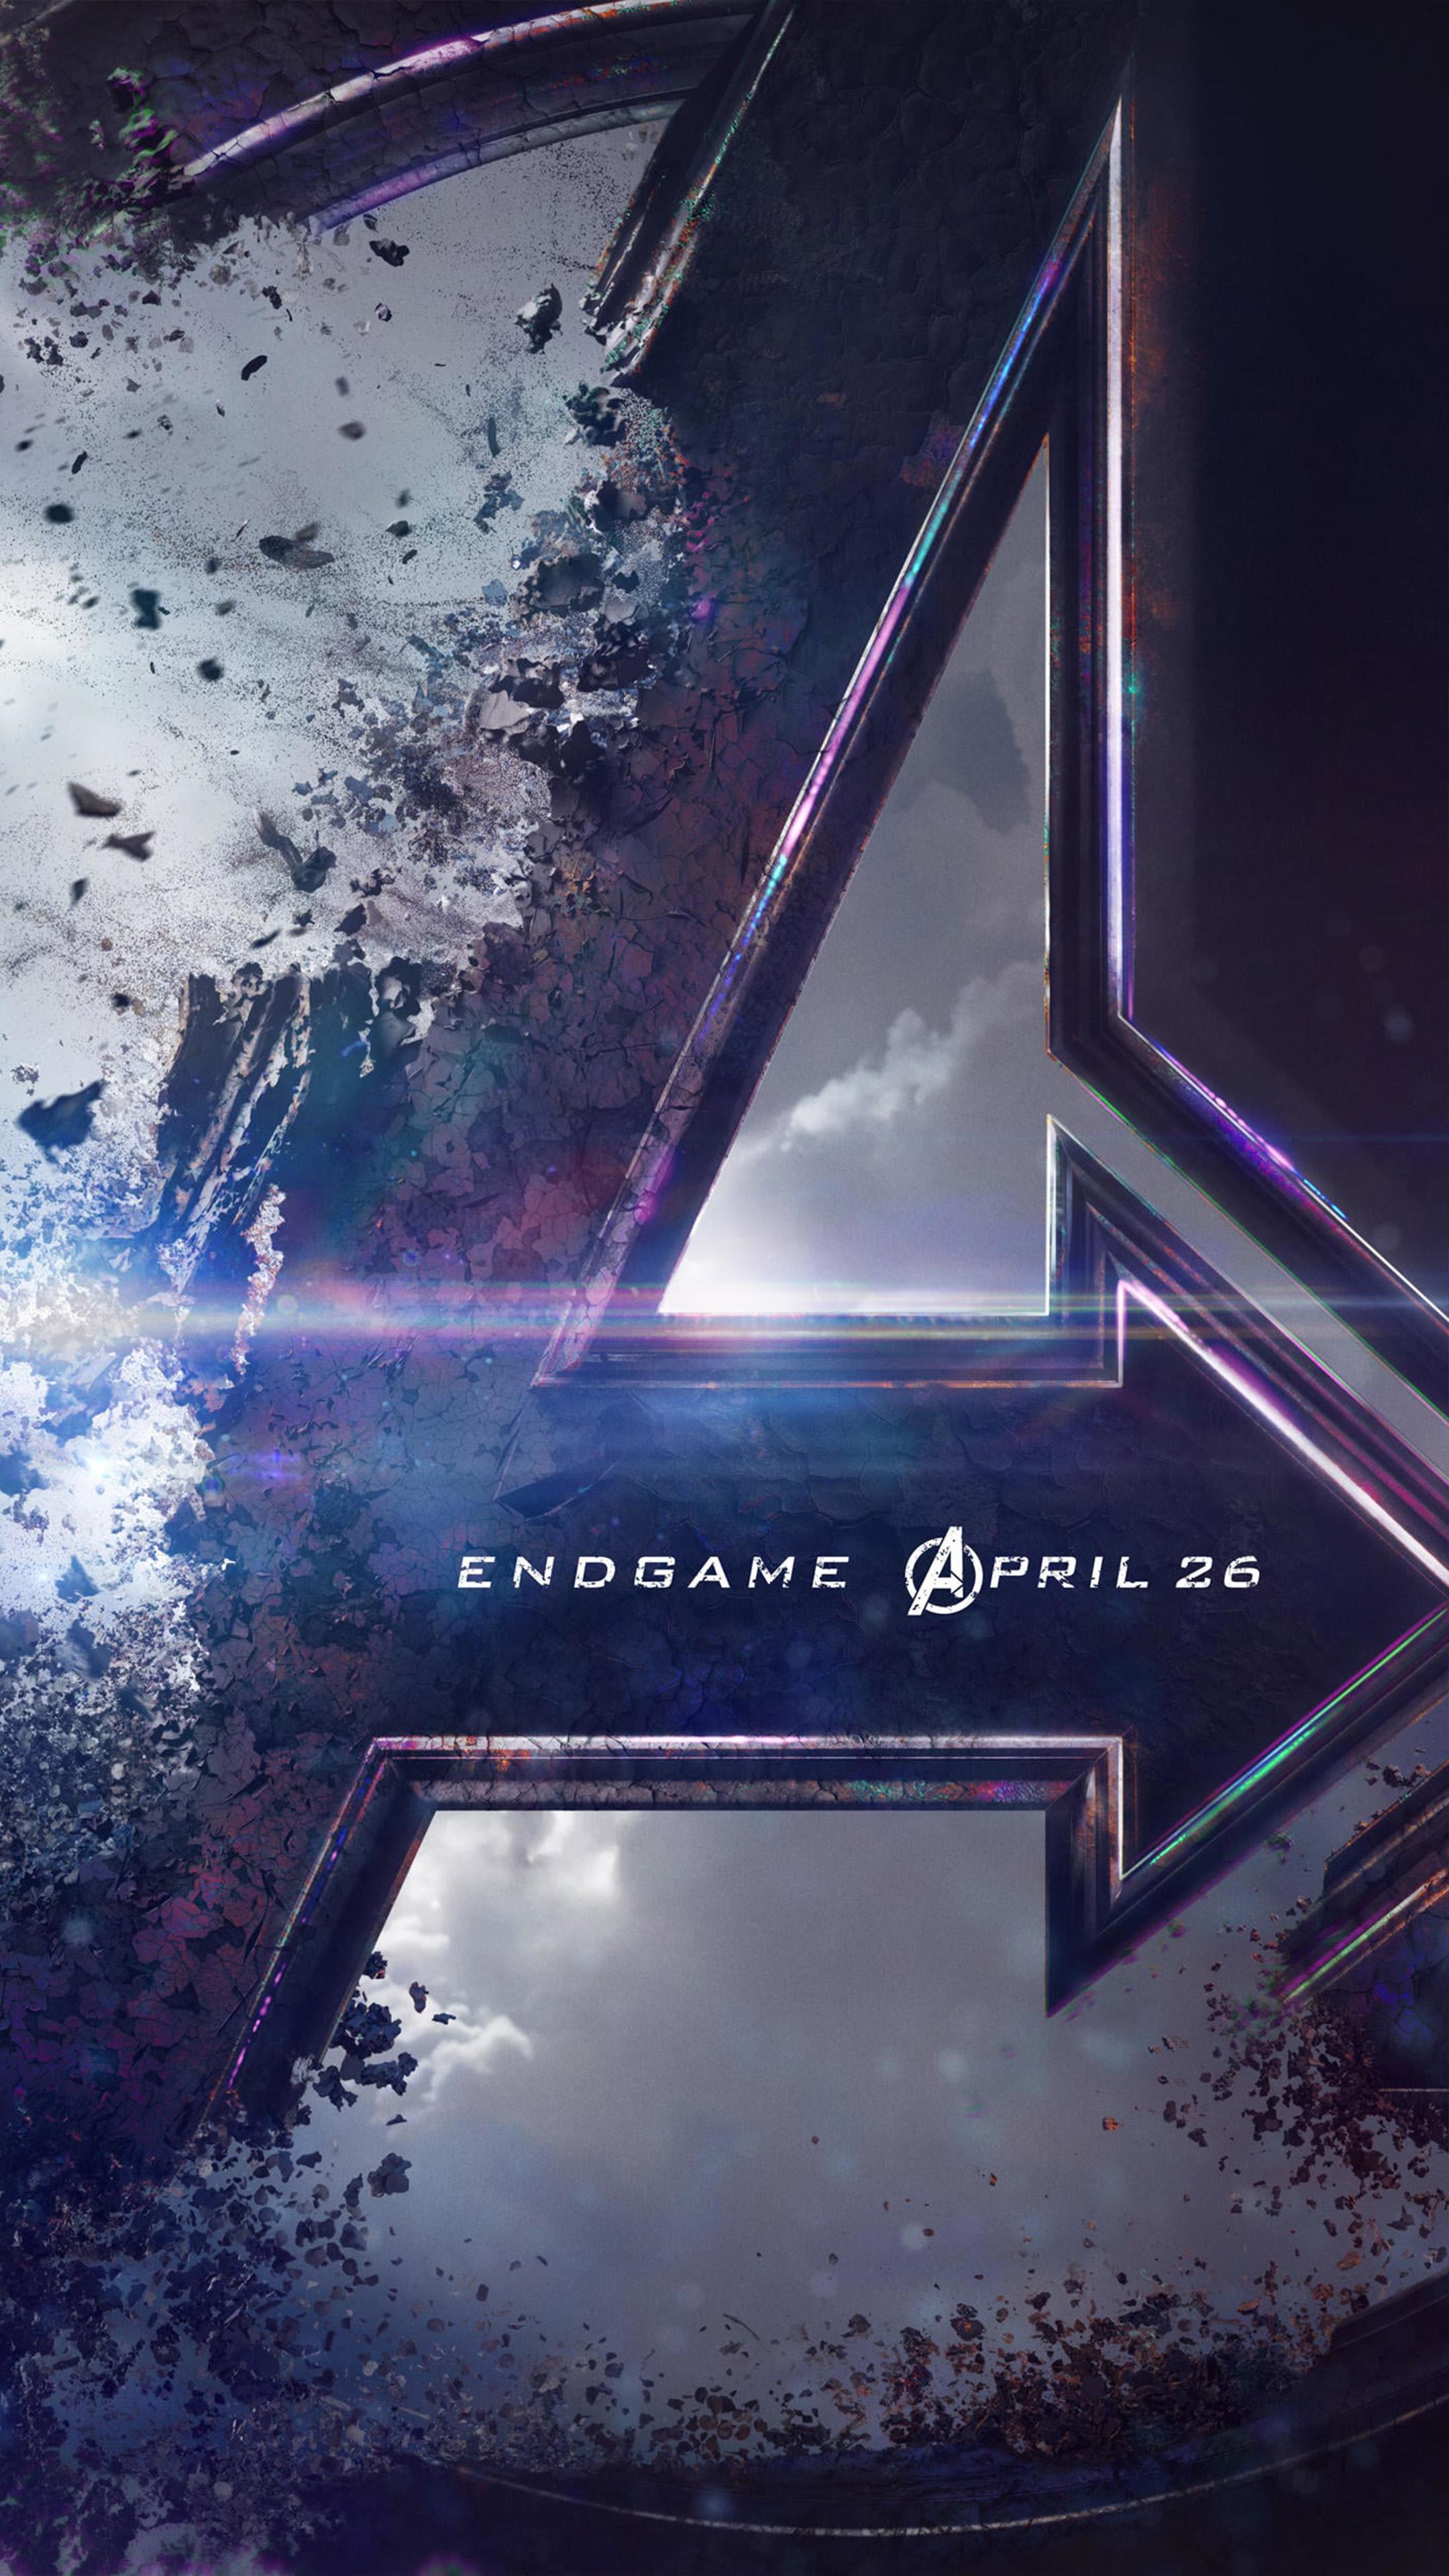 Avengers Endgame Logo 4k Ultra Hd Mobile Wallpaper